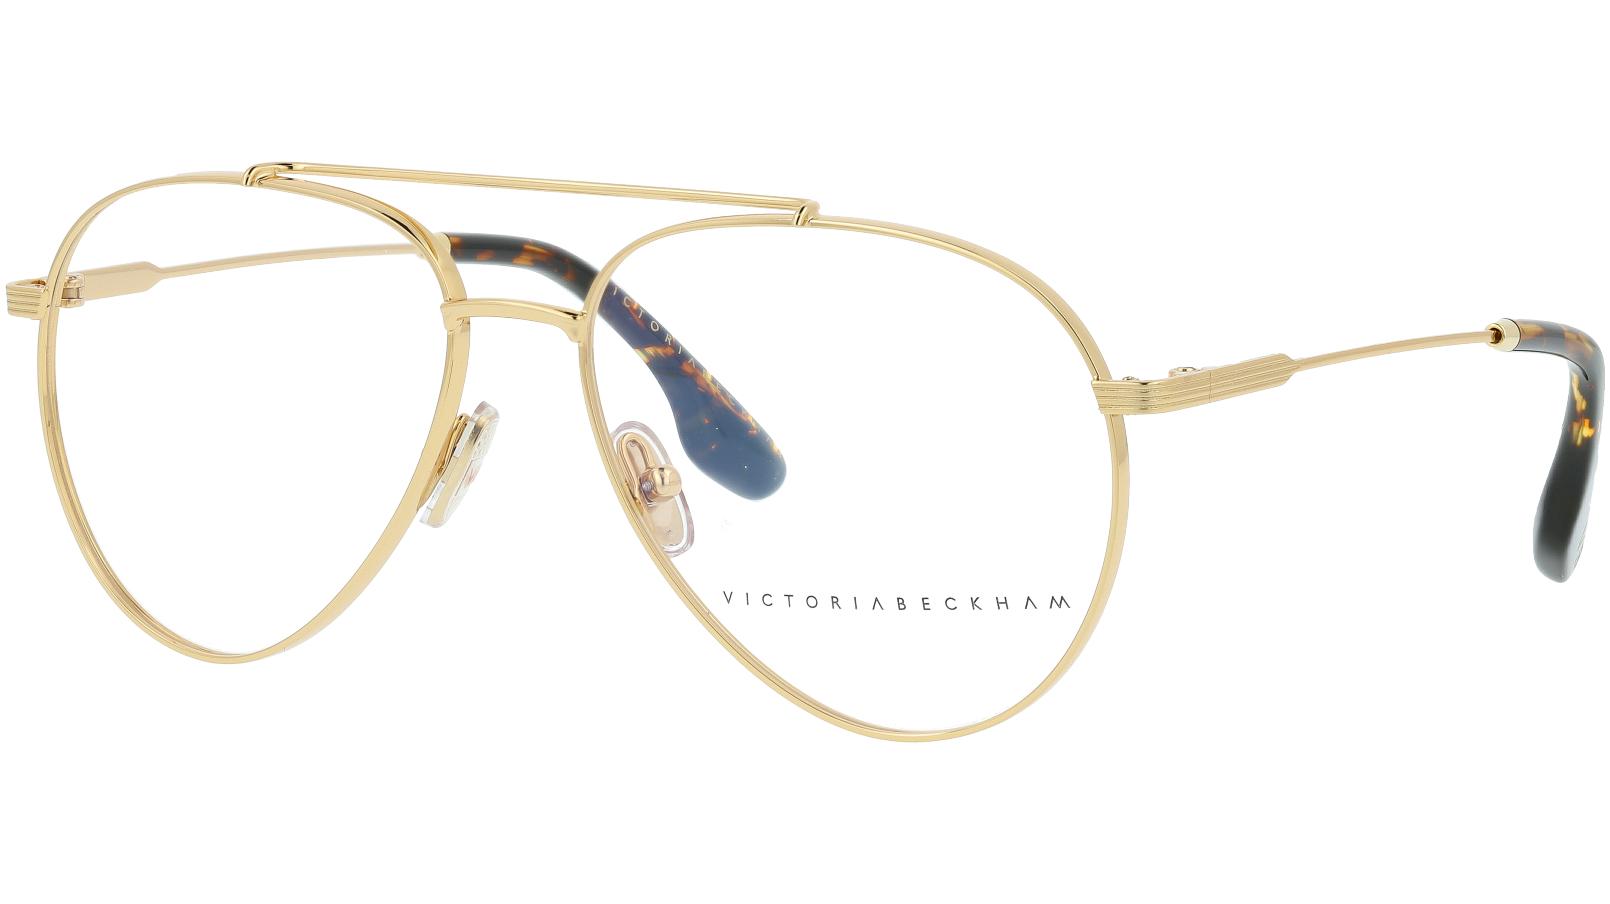 VICTORIA BECKHAM VB218 714 56 GOLD Glasses